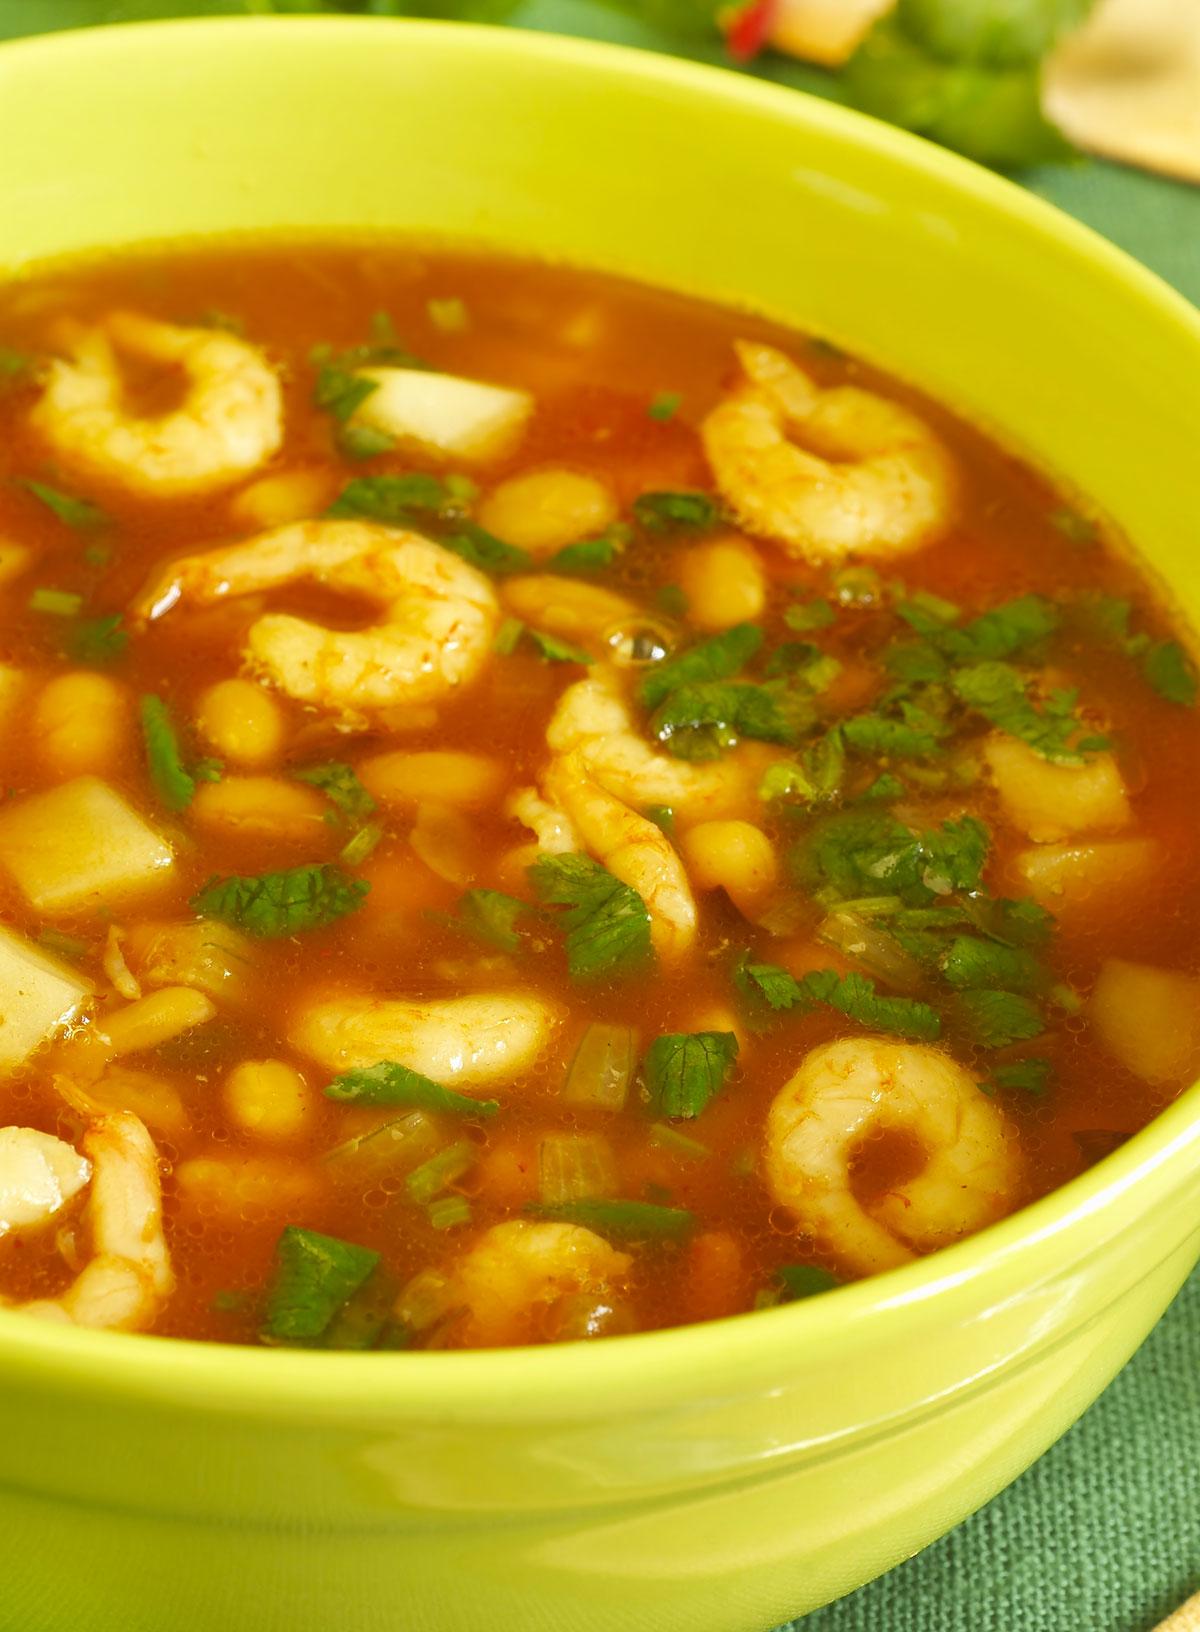 Recette soupe aux crevettes style tha glouton - Peut on congeler de la soupe ...